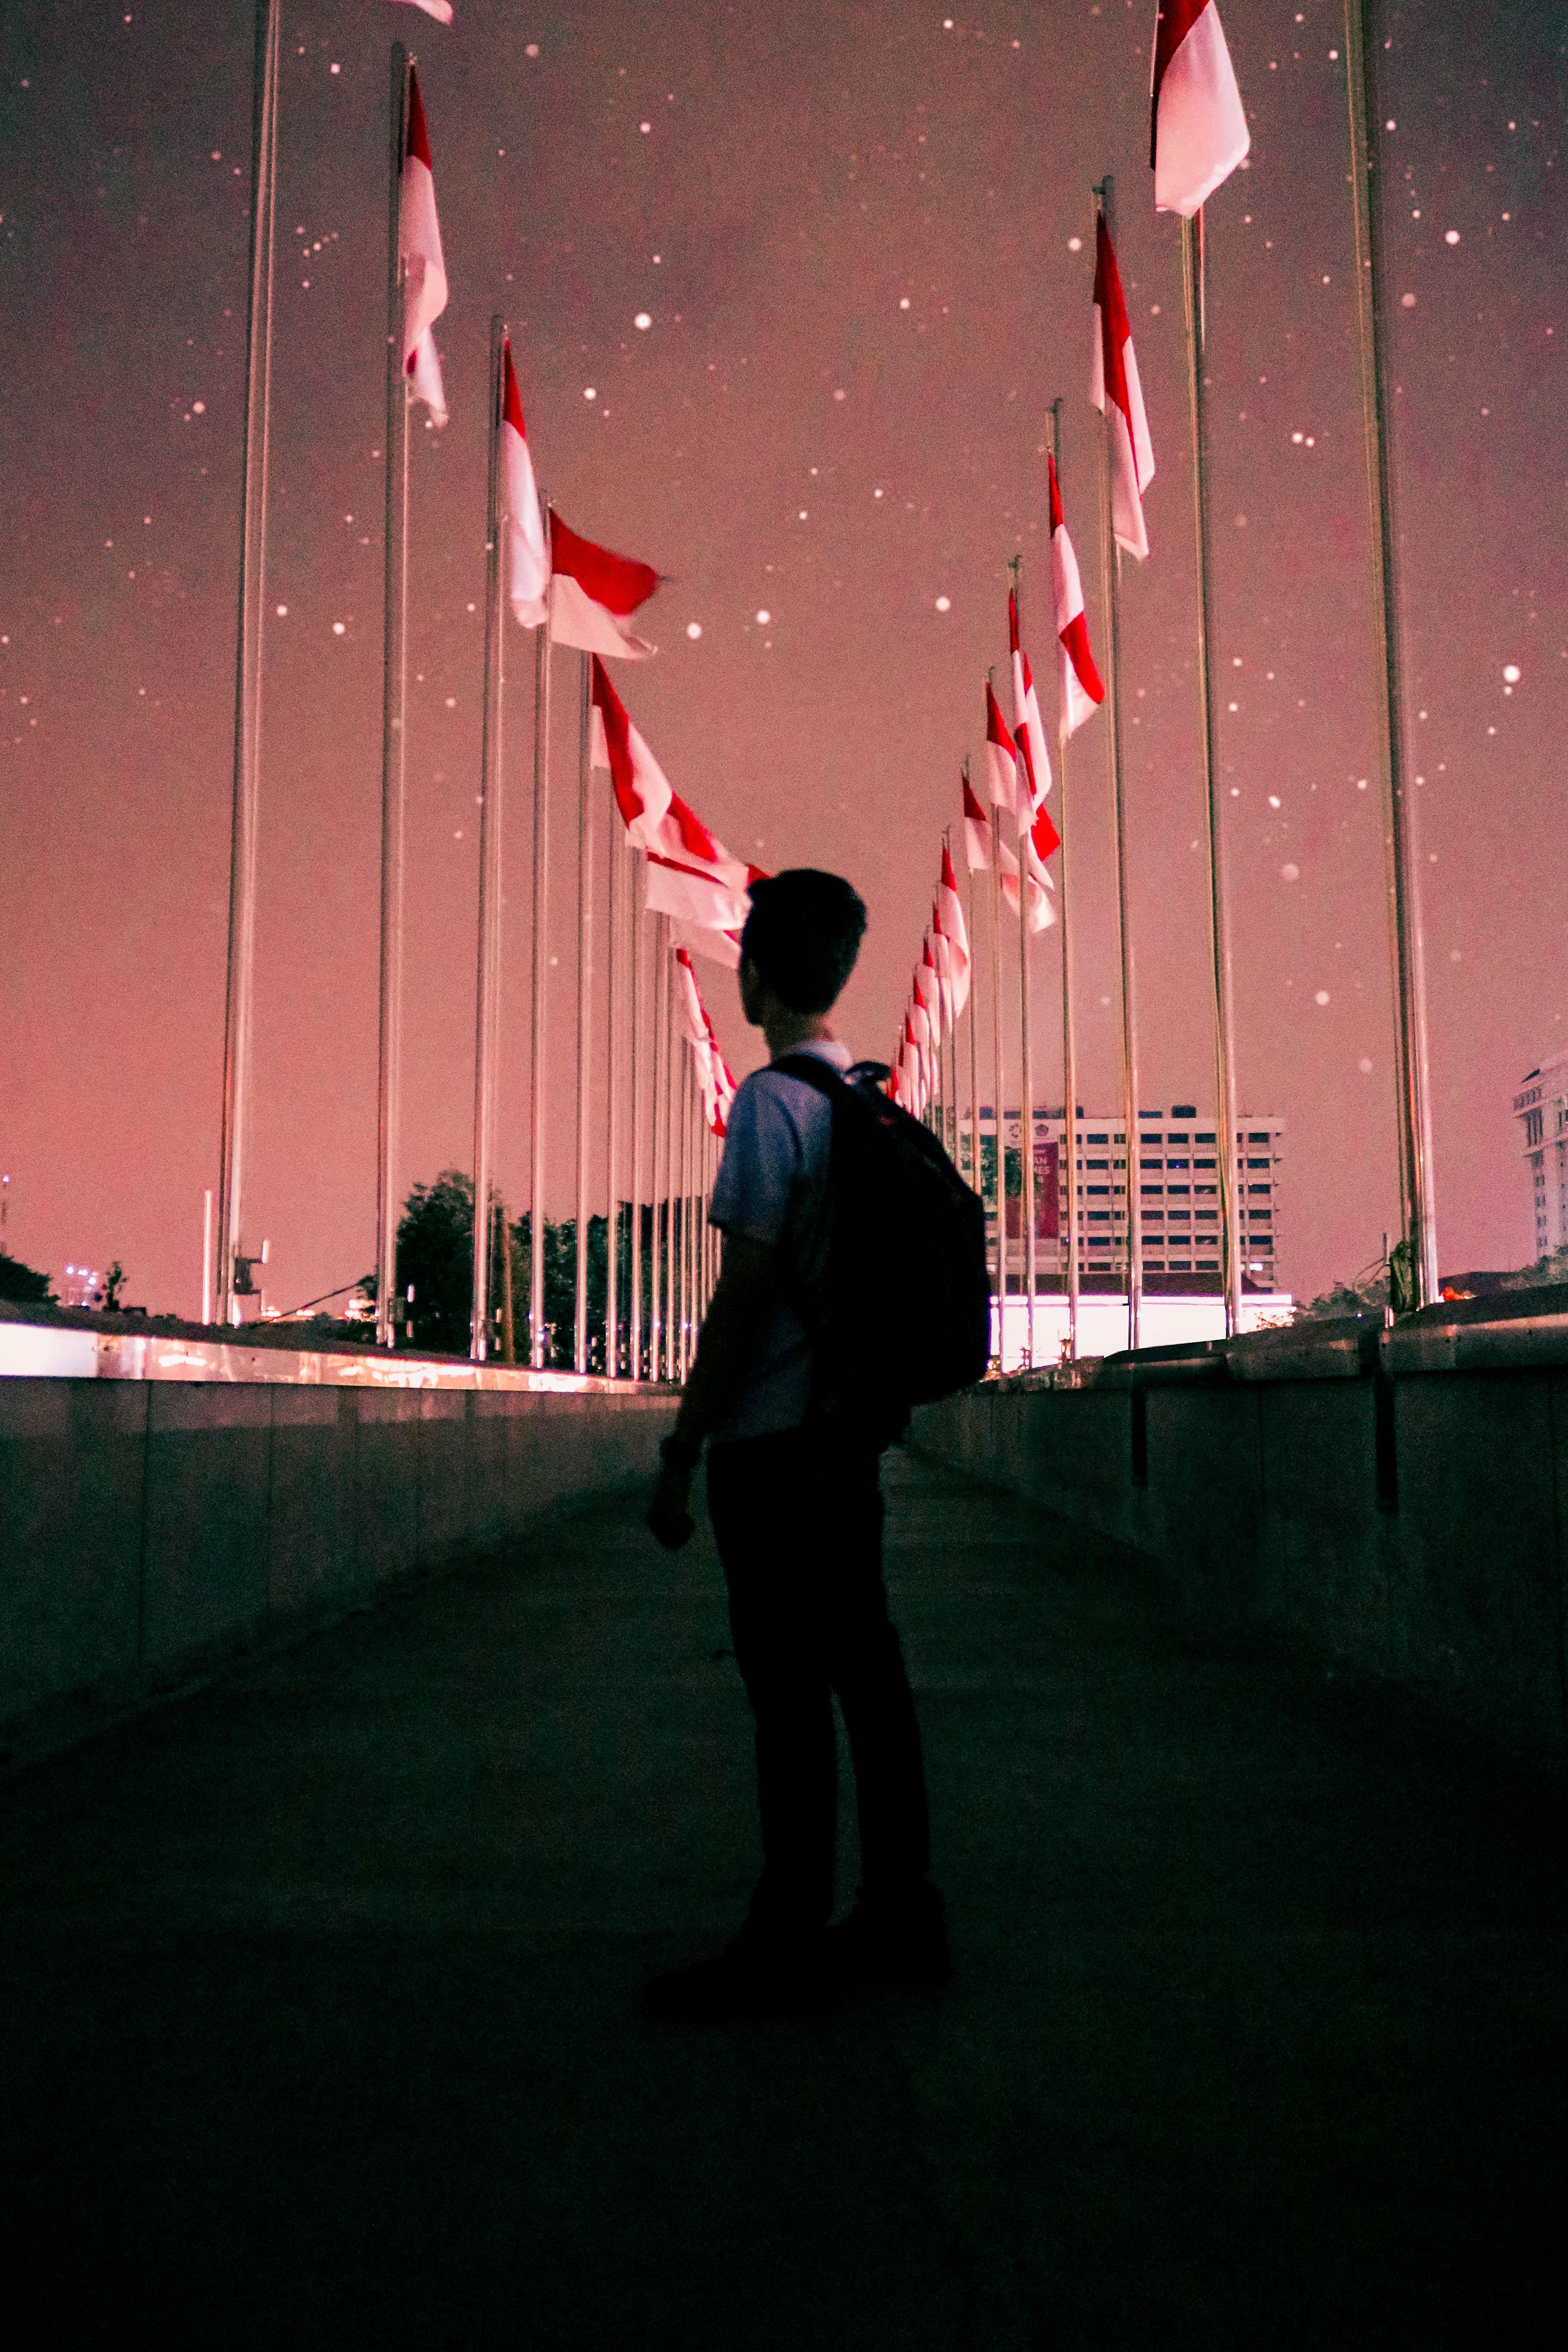 man standing on bridge during night time